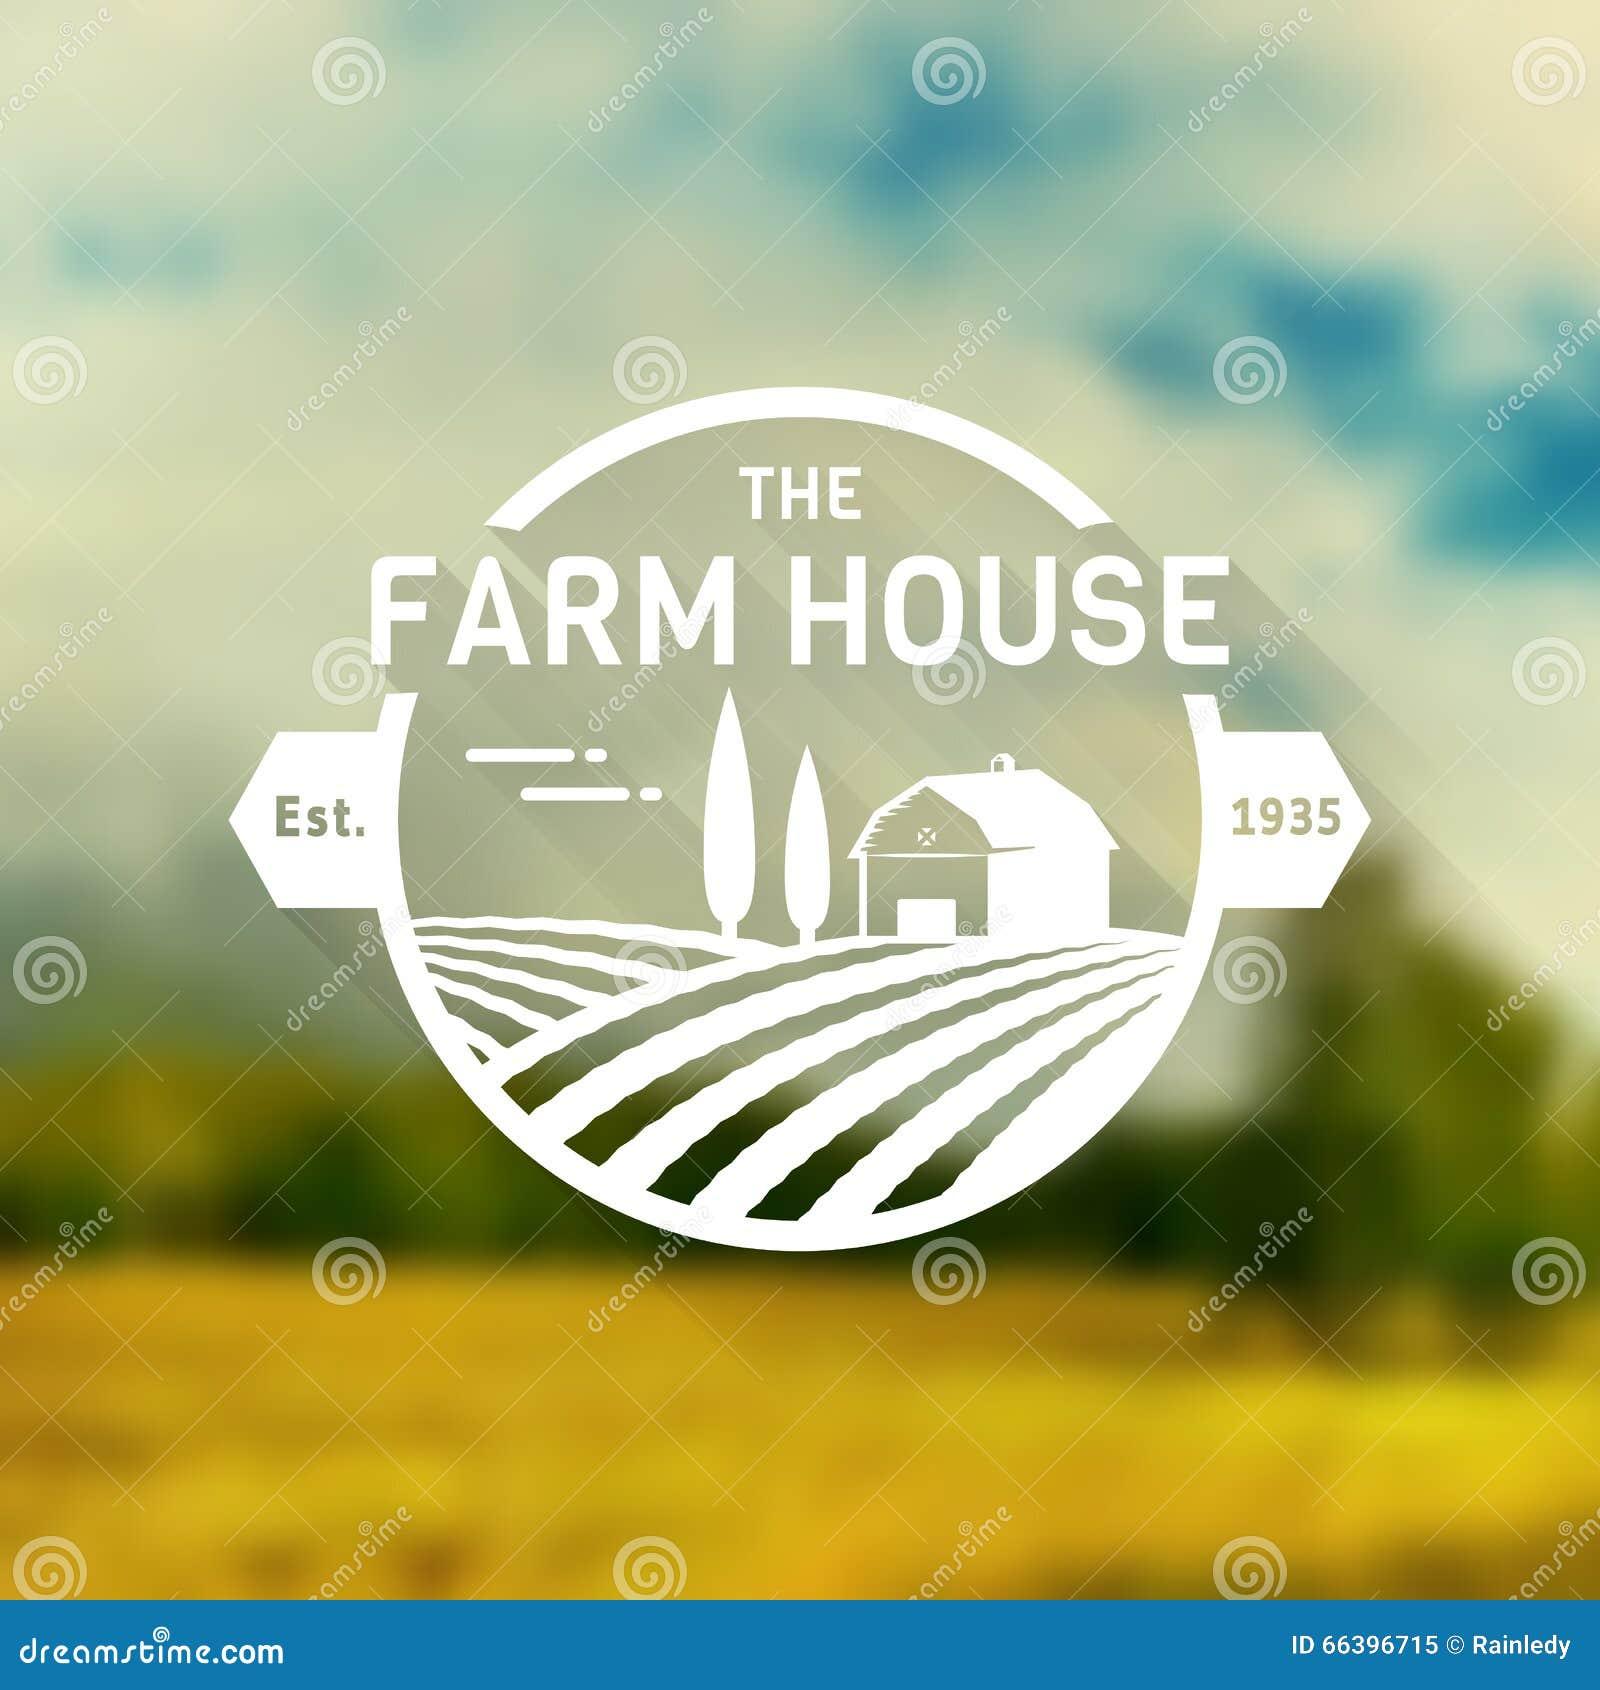 Farm House Vector Logo. Stock Vector - Image: 66396715